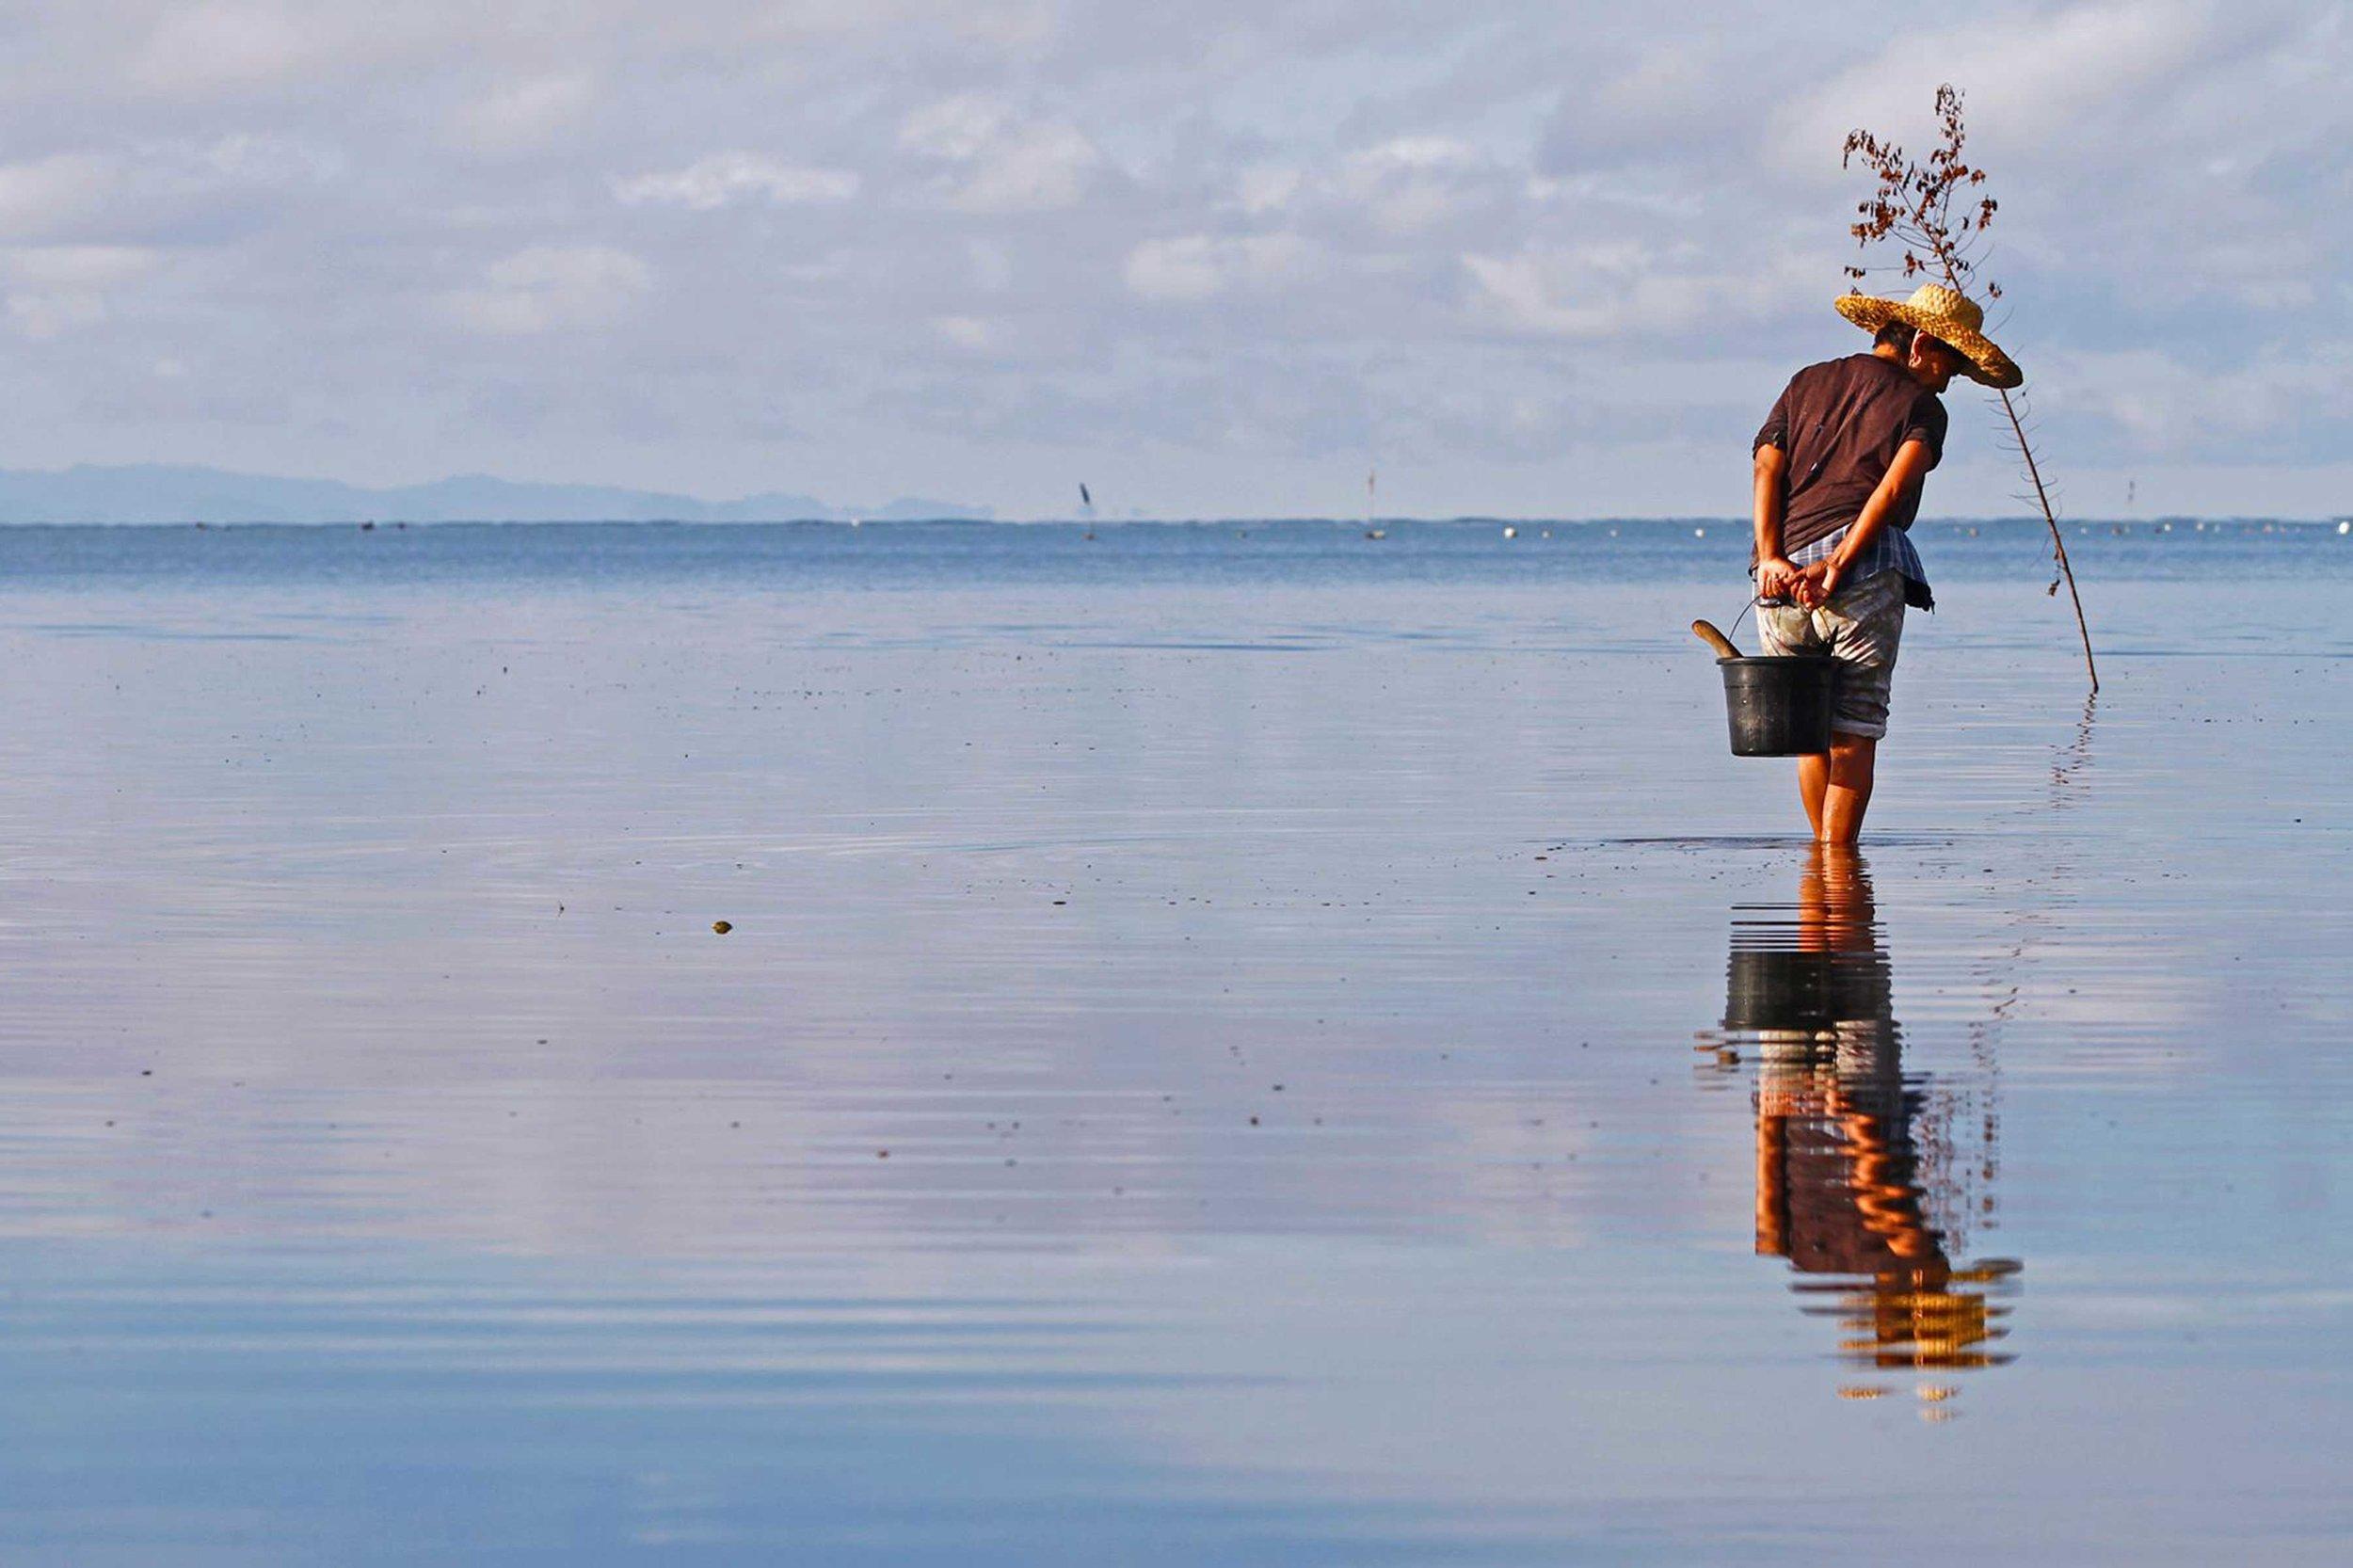 Coastal-Musings-Image-2.jpg